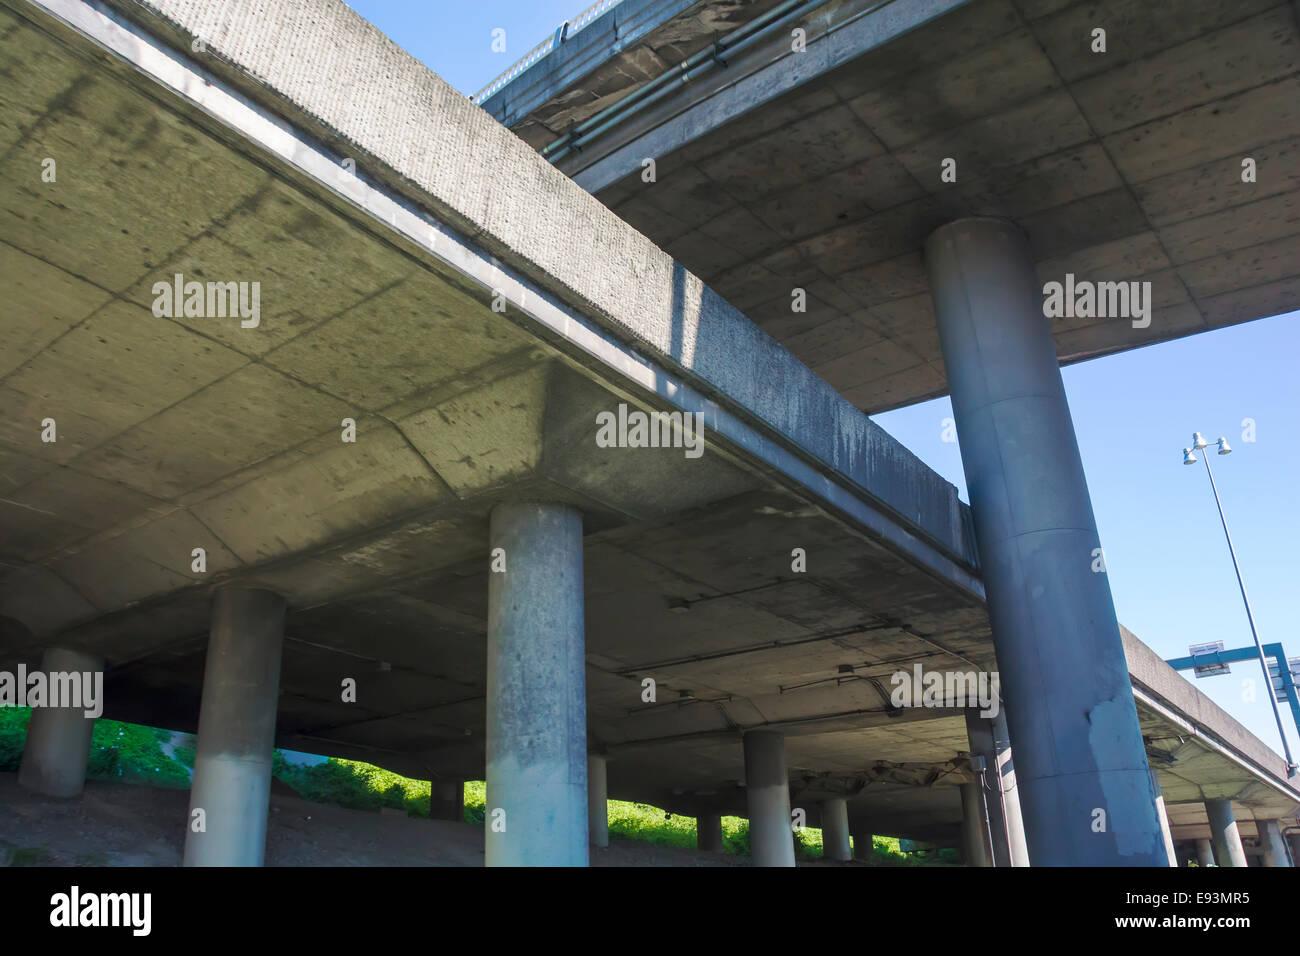 Autostrada sopraelevata ponti di cemento criss-cross come visto dal di sotto. Immagini Stock